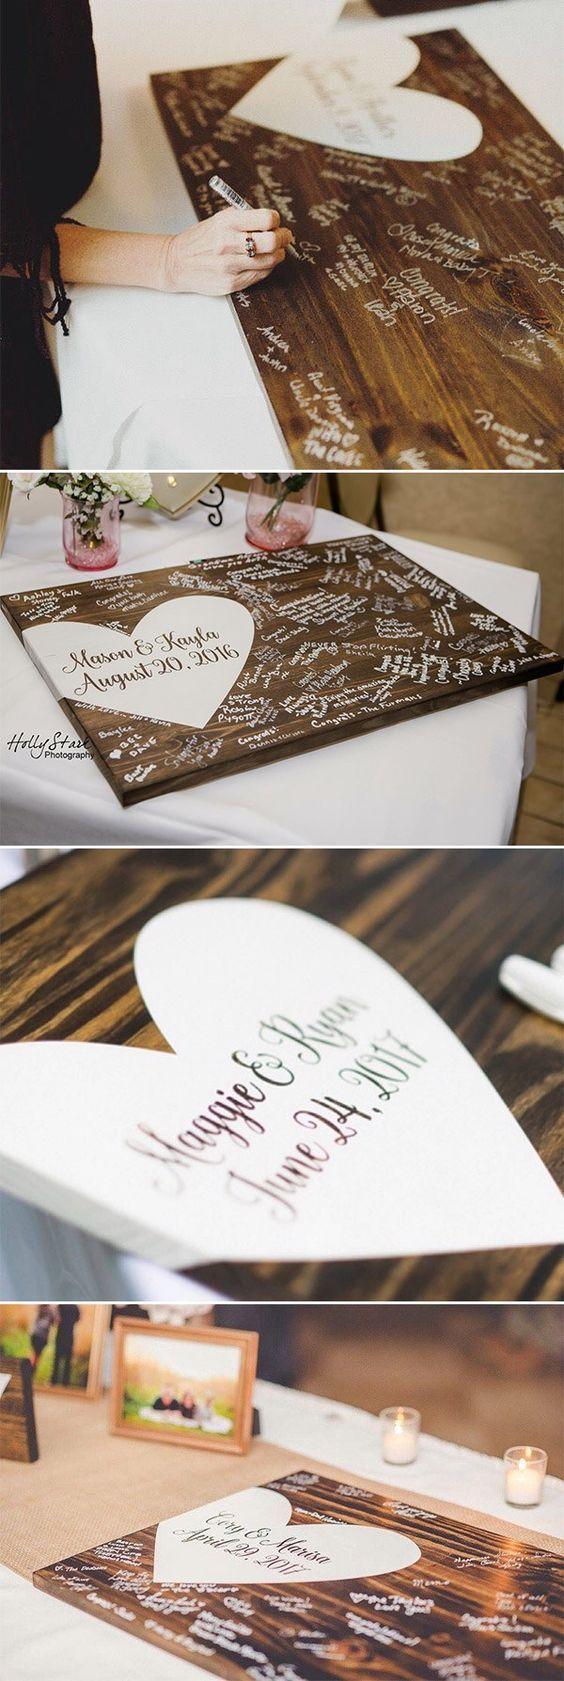 15 Erstaunliche Verschiedenen Hochzeits Gast Buch Design Inspirierende